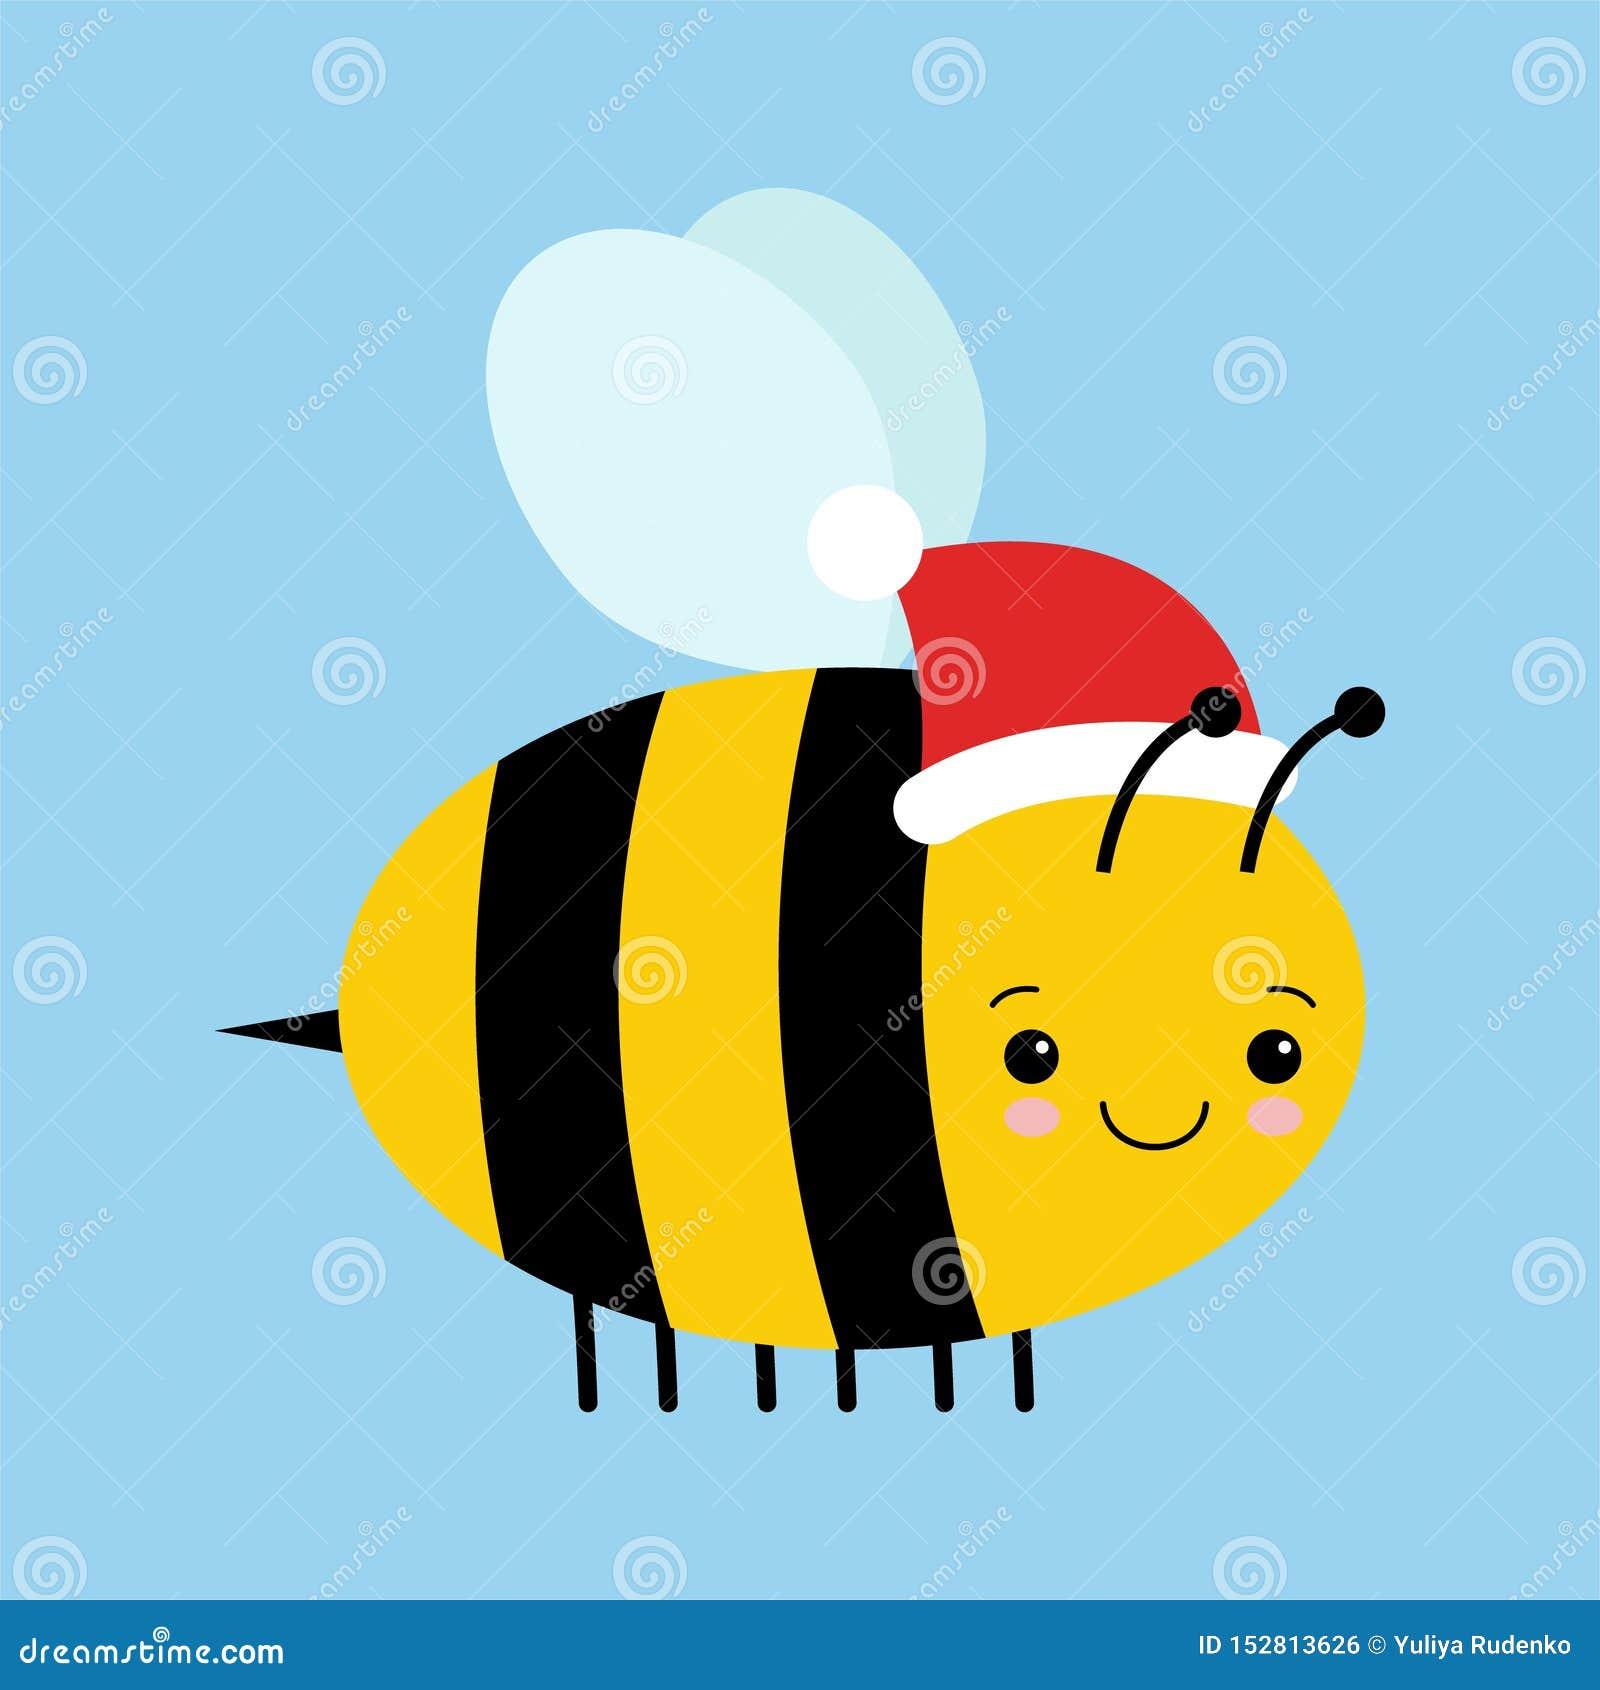 Иллюстрация мультфильма милой счастливой праздничной пчелы со шляпой Санта